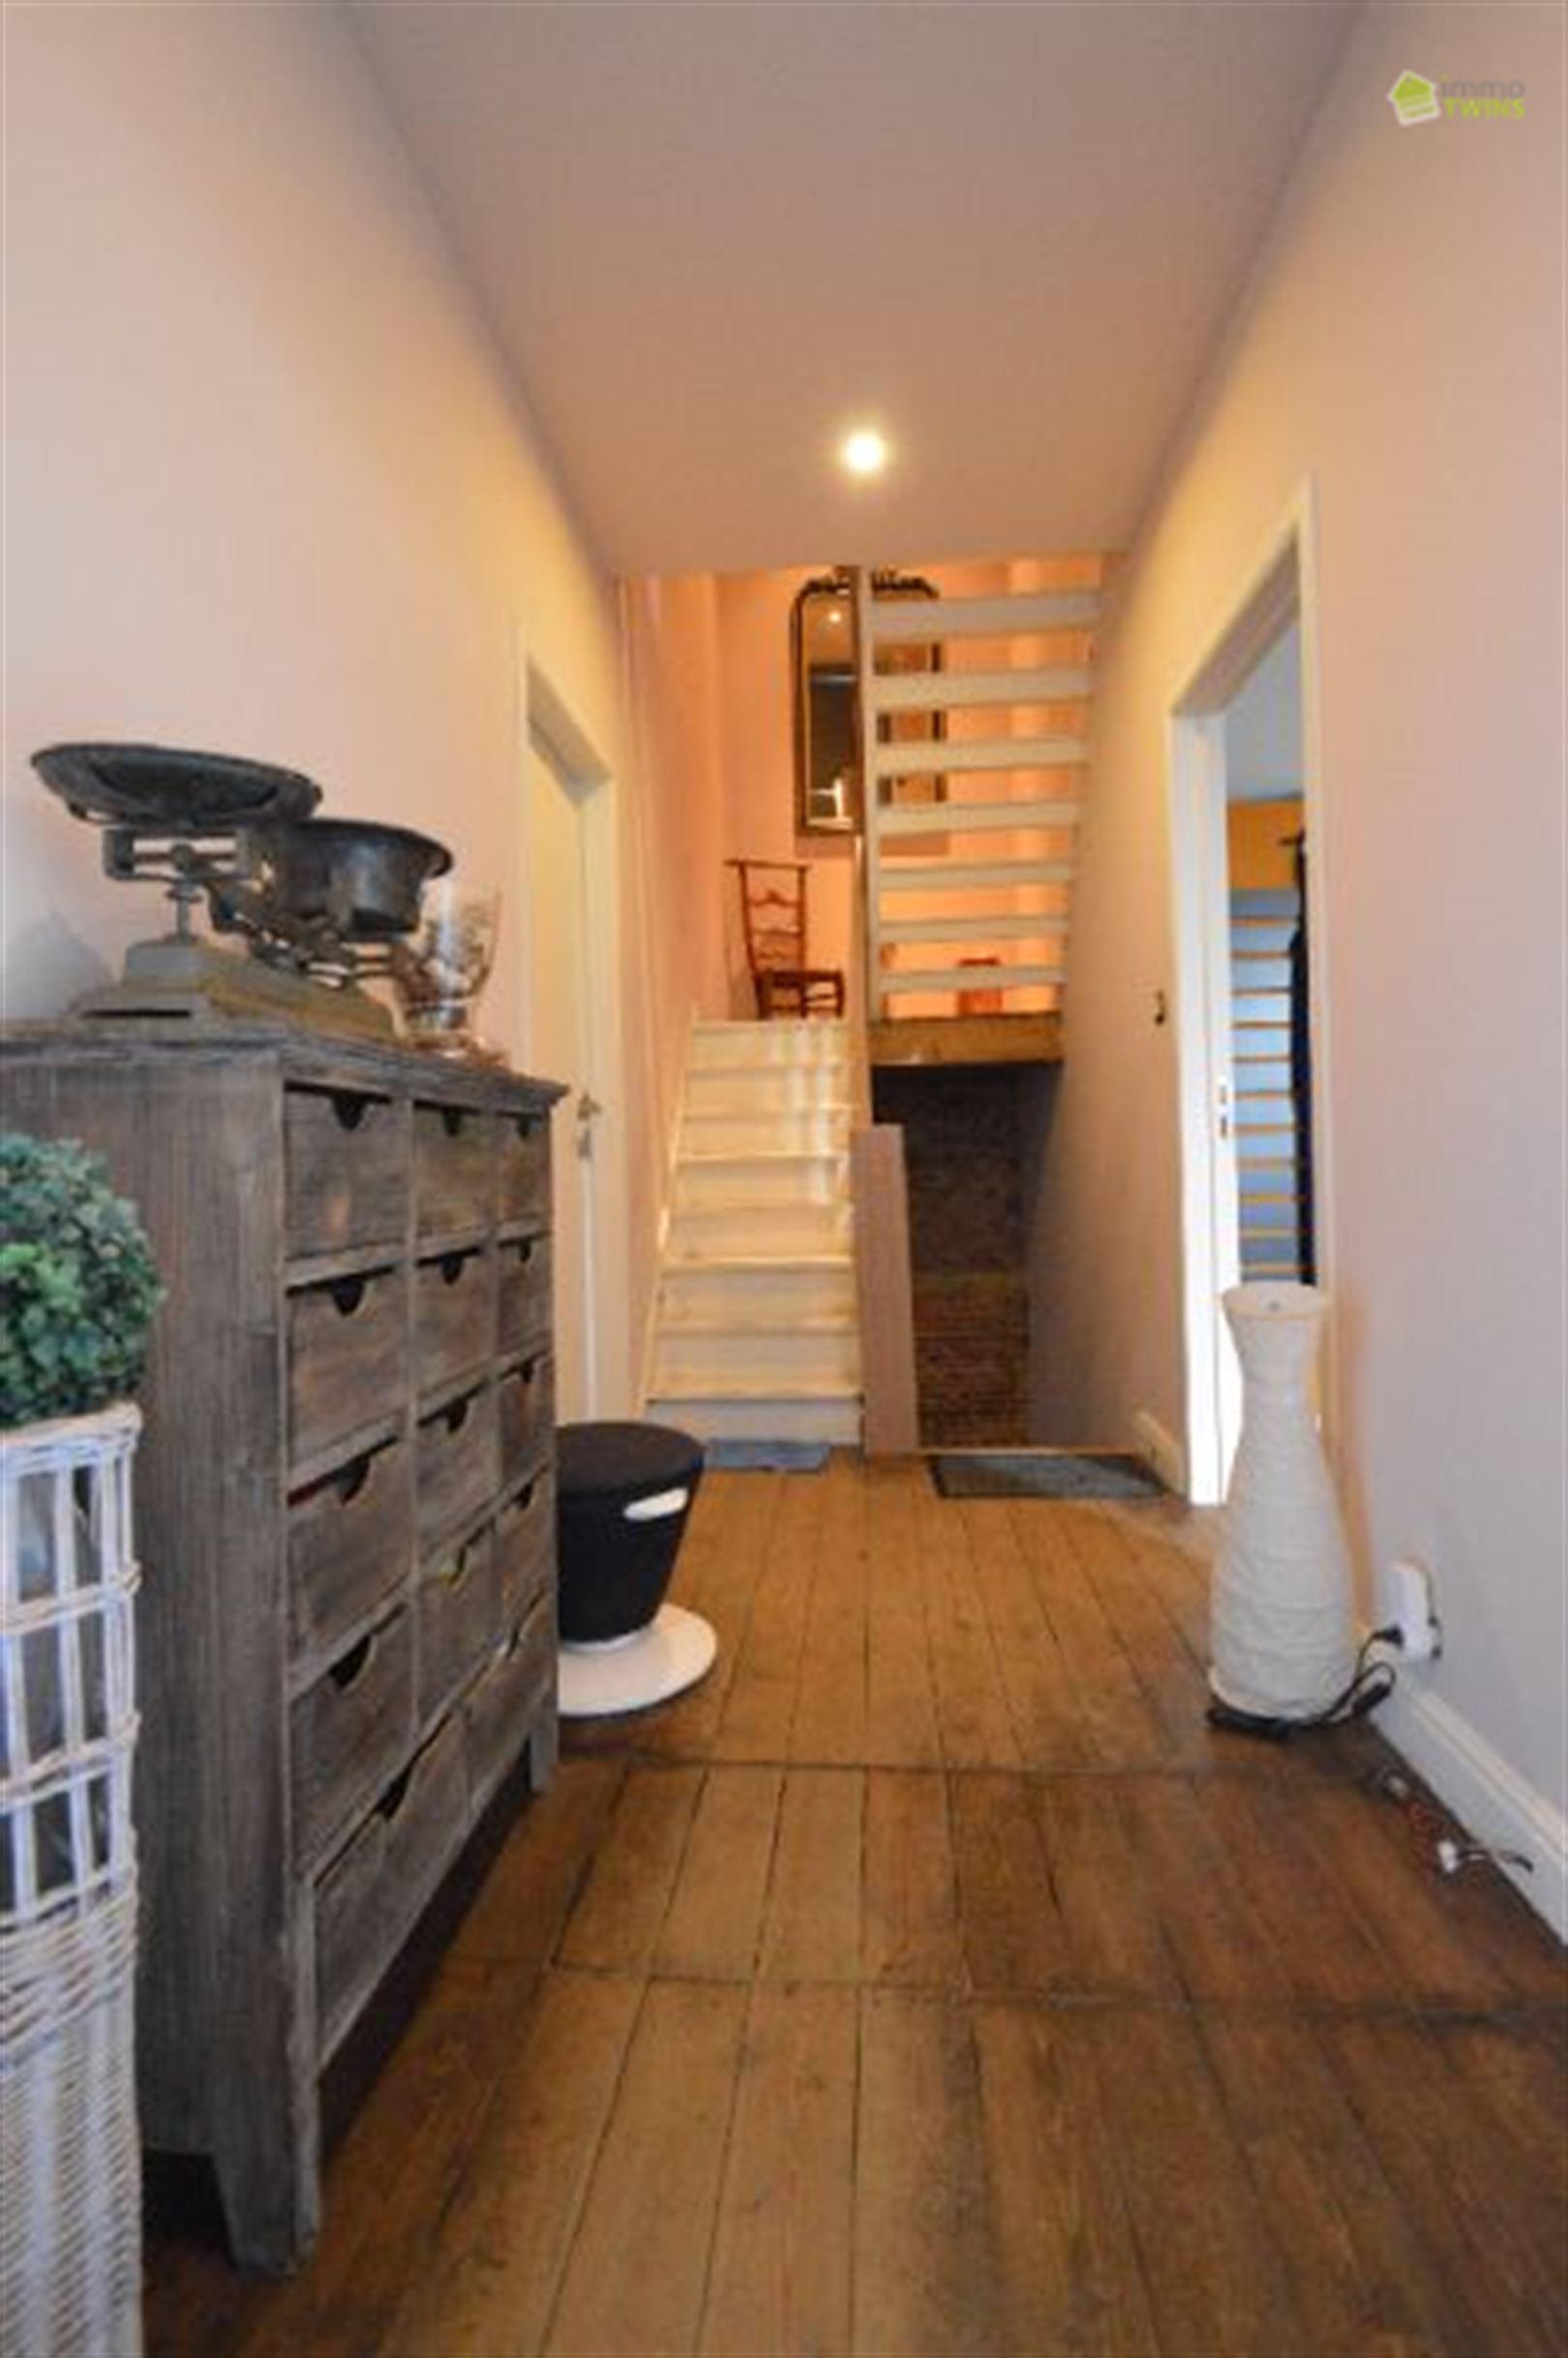 Foto 6 : Huis te 9200 Baasrode (België) - Prijs € 725